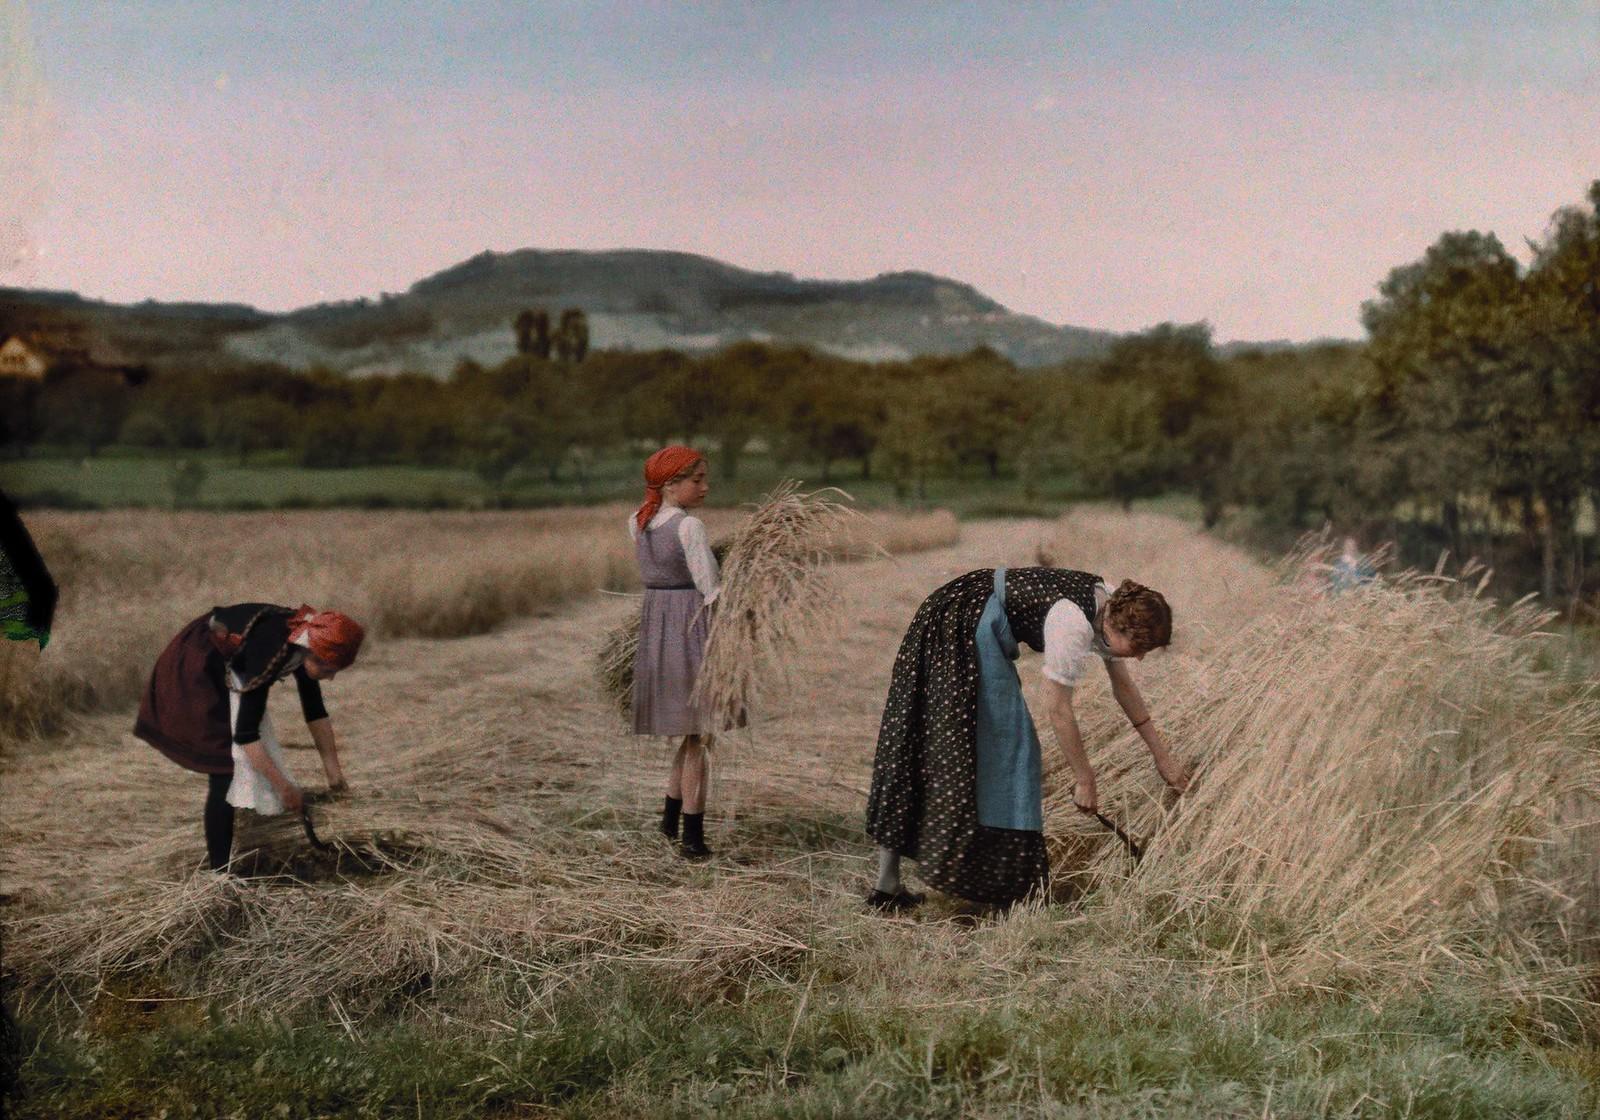 1928. Три женщины, связывающие снопы в поле во время сбора урожая. Германия